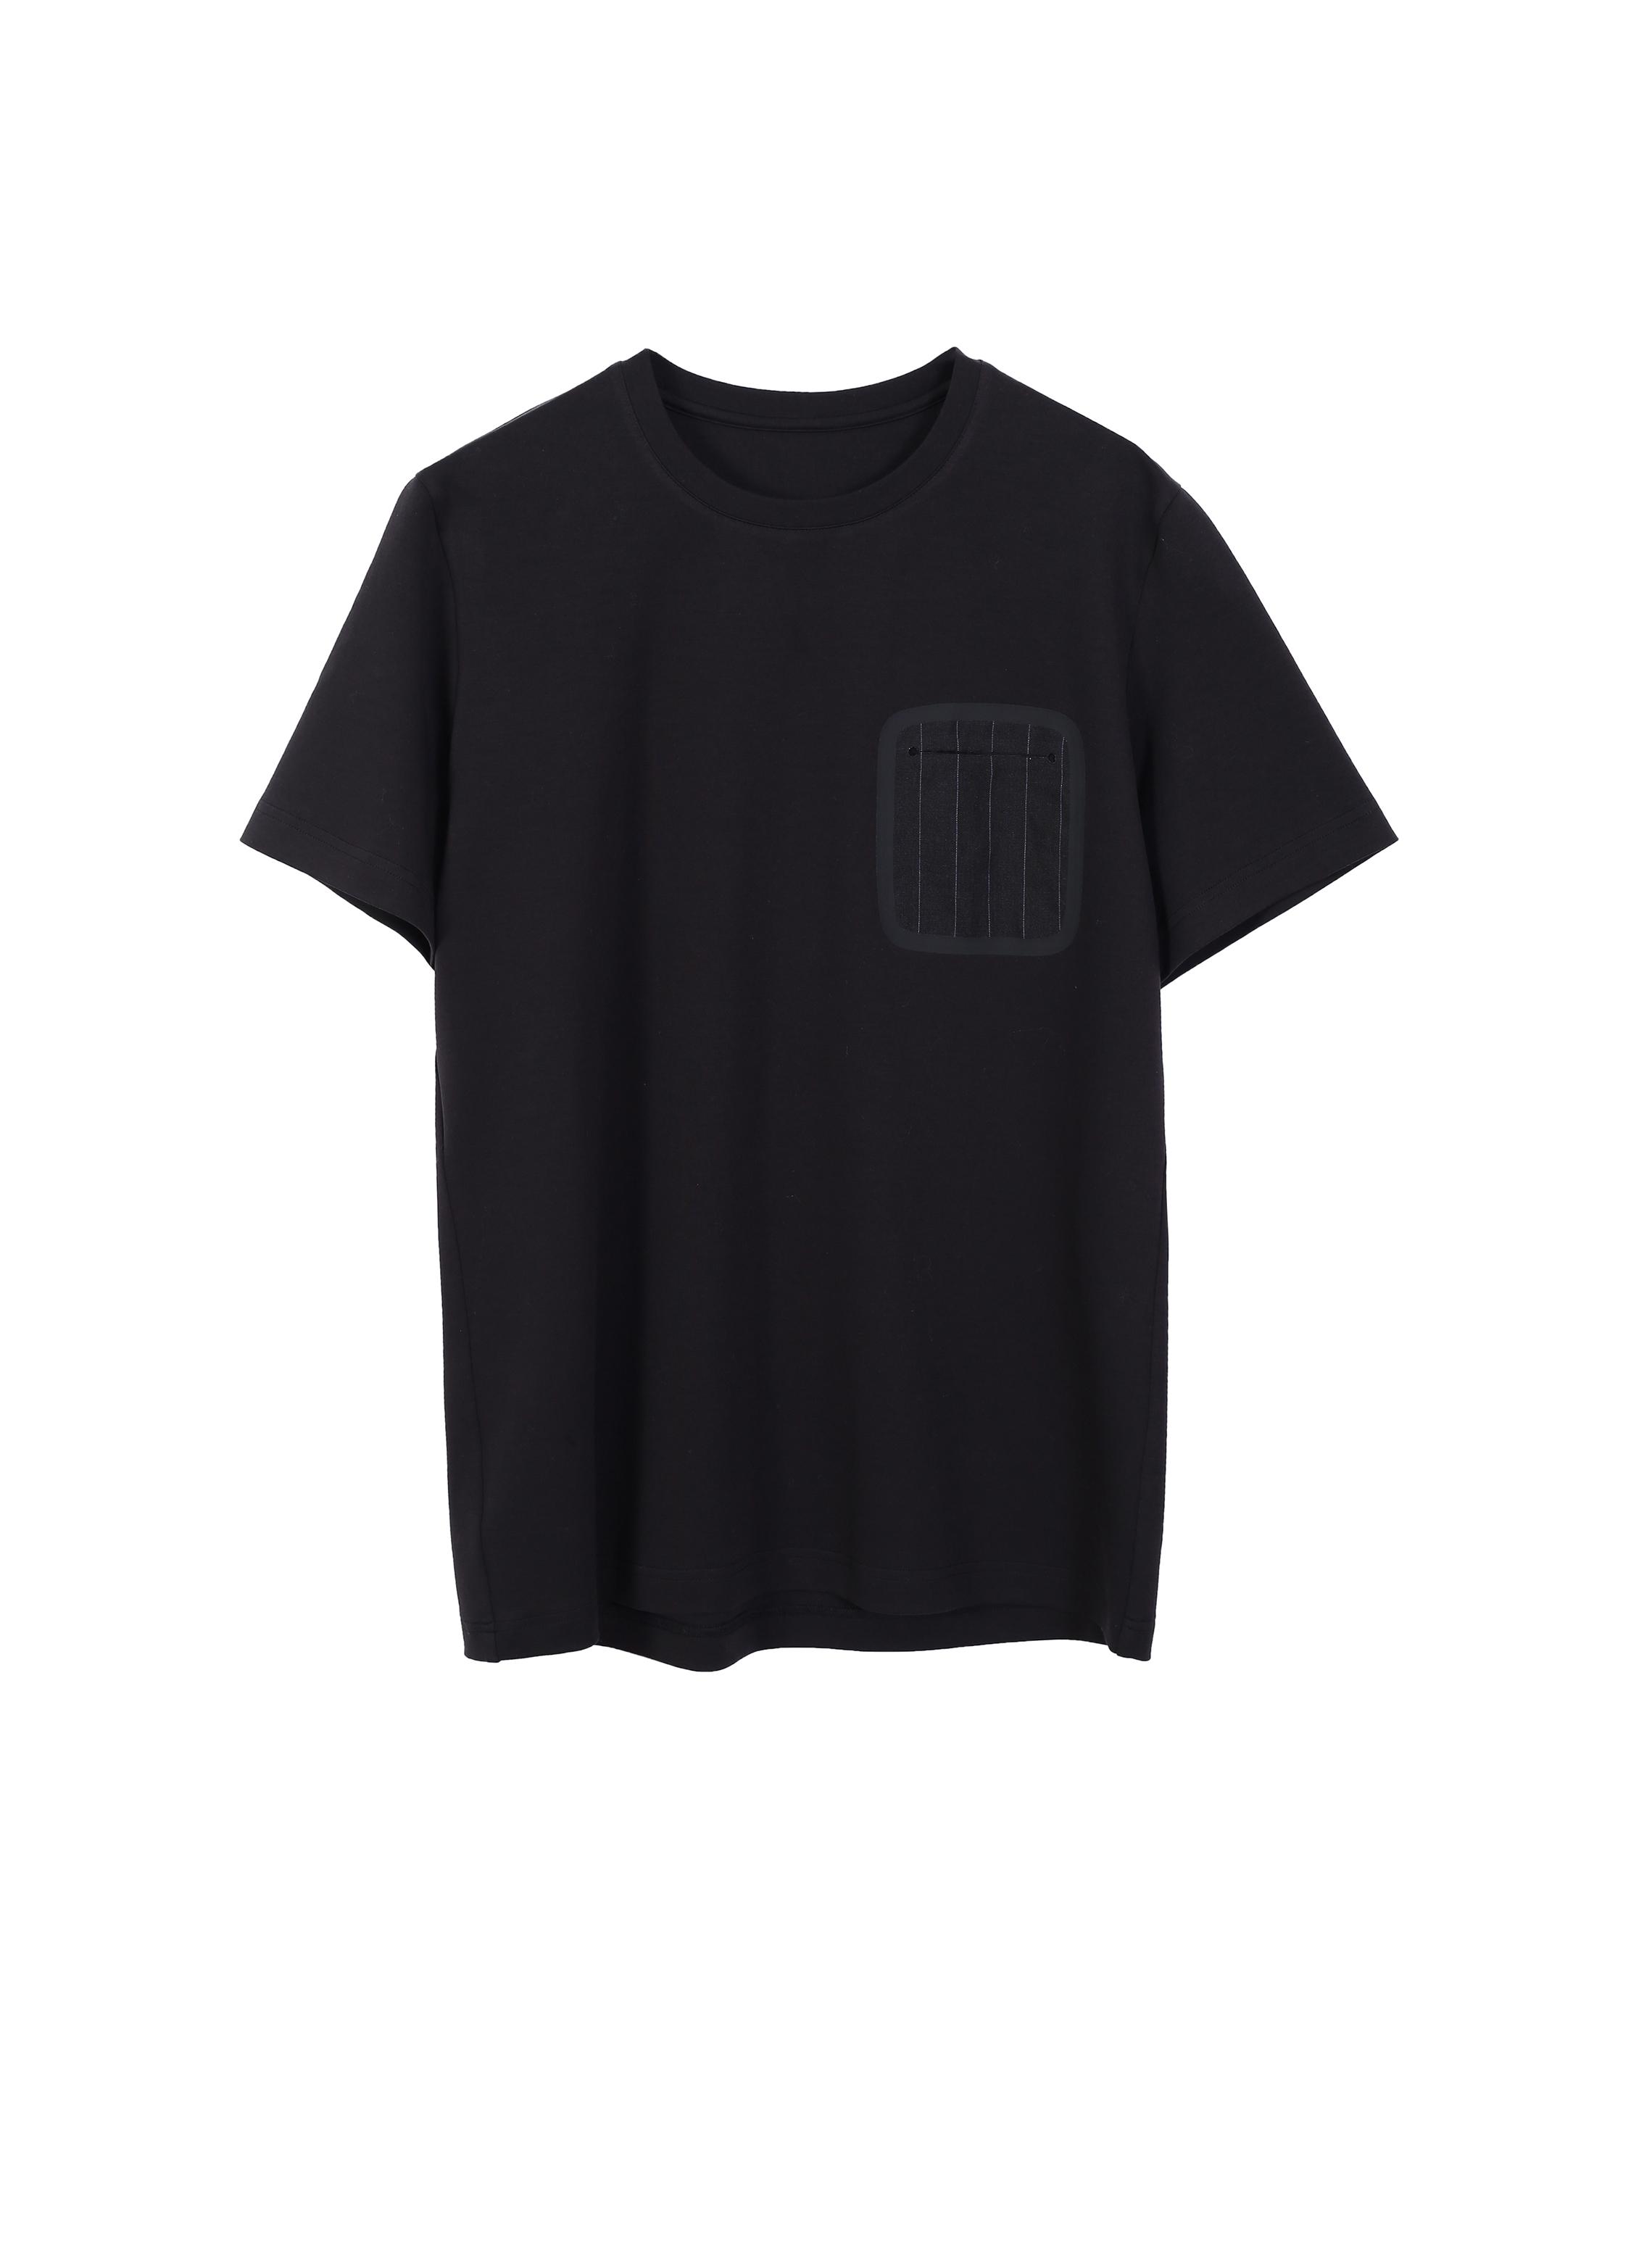 ea2f2e07a Decorative Front Pocket Cotton-Blend T-Shirt — JNBY